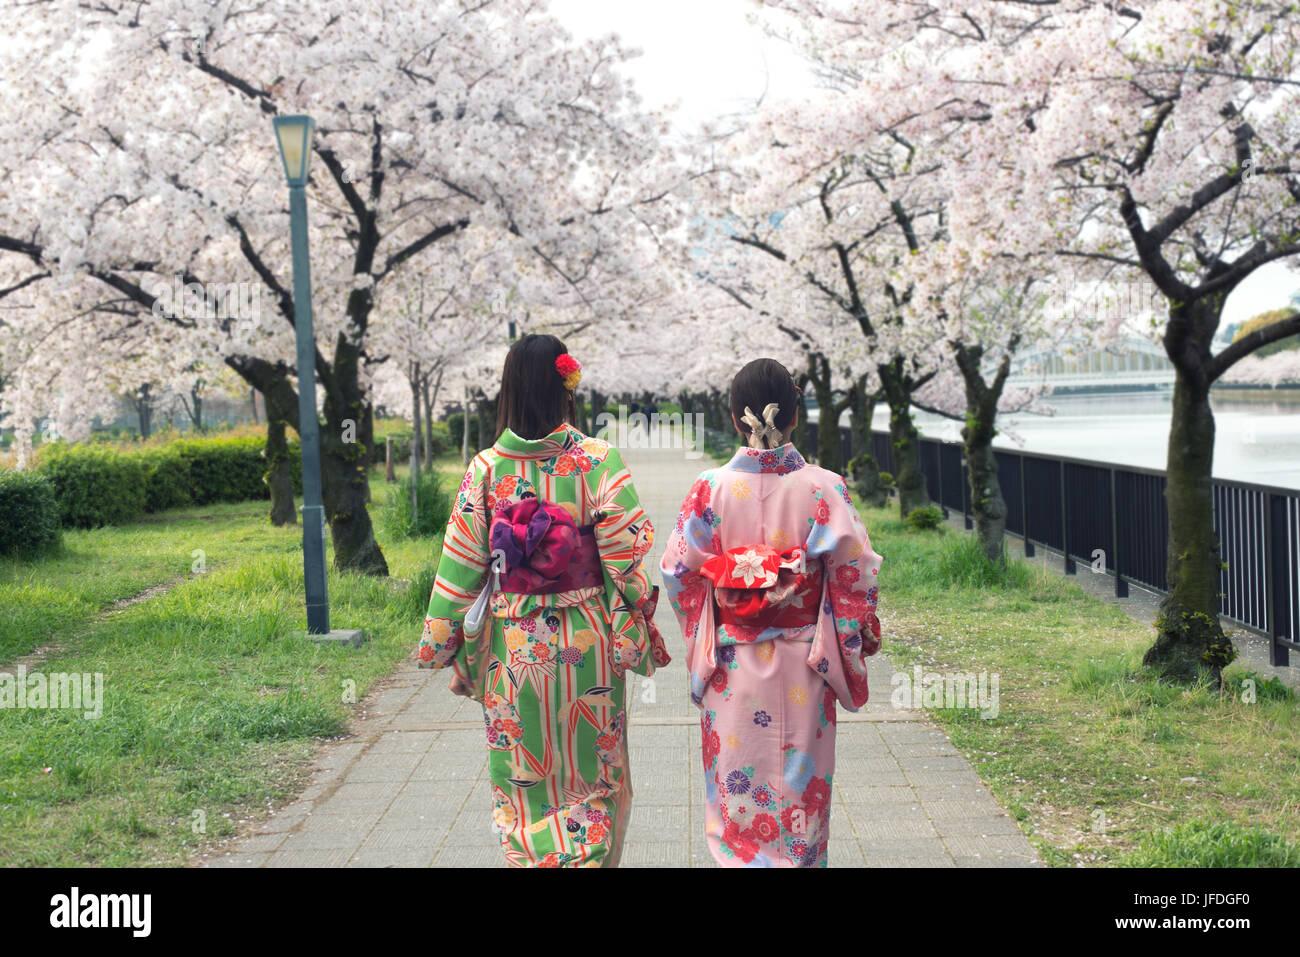 Deux femmes asiatiques portant des kimono traditionnel japonais à sakura garden à Osaka, Japon. Photo Stock